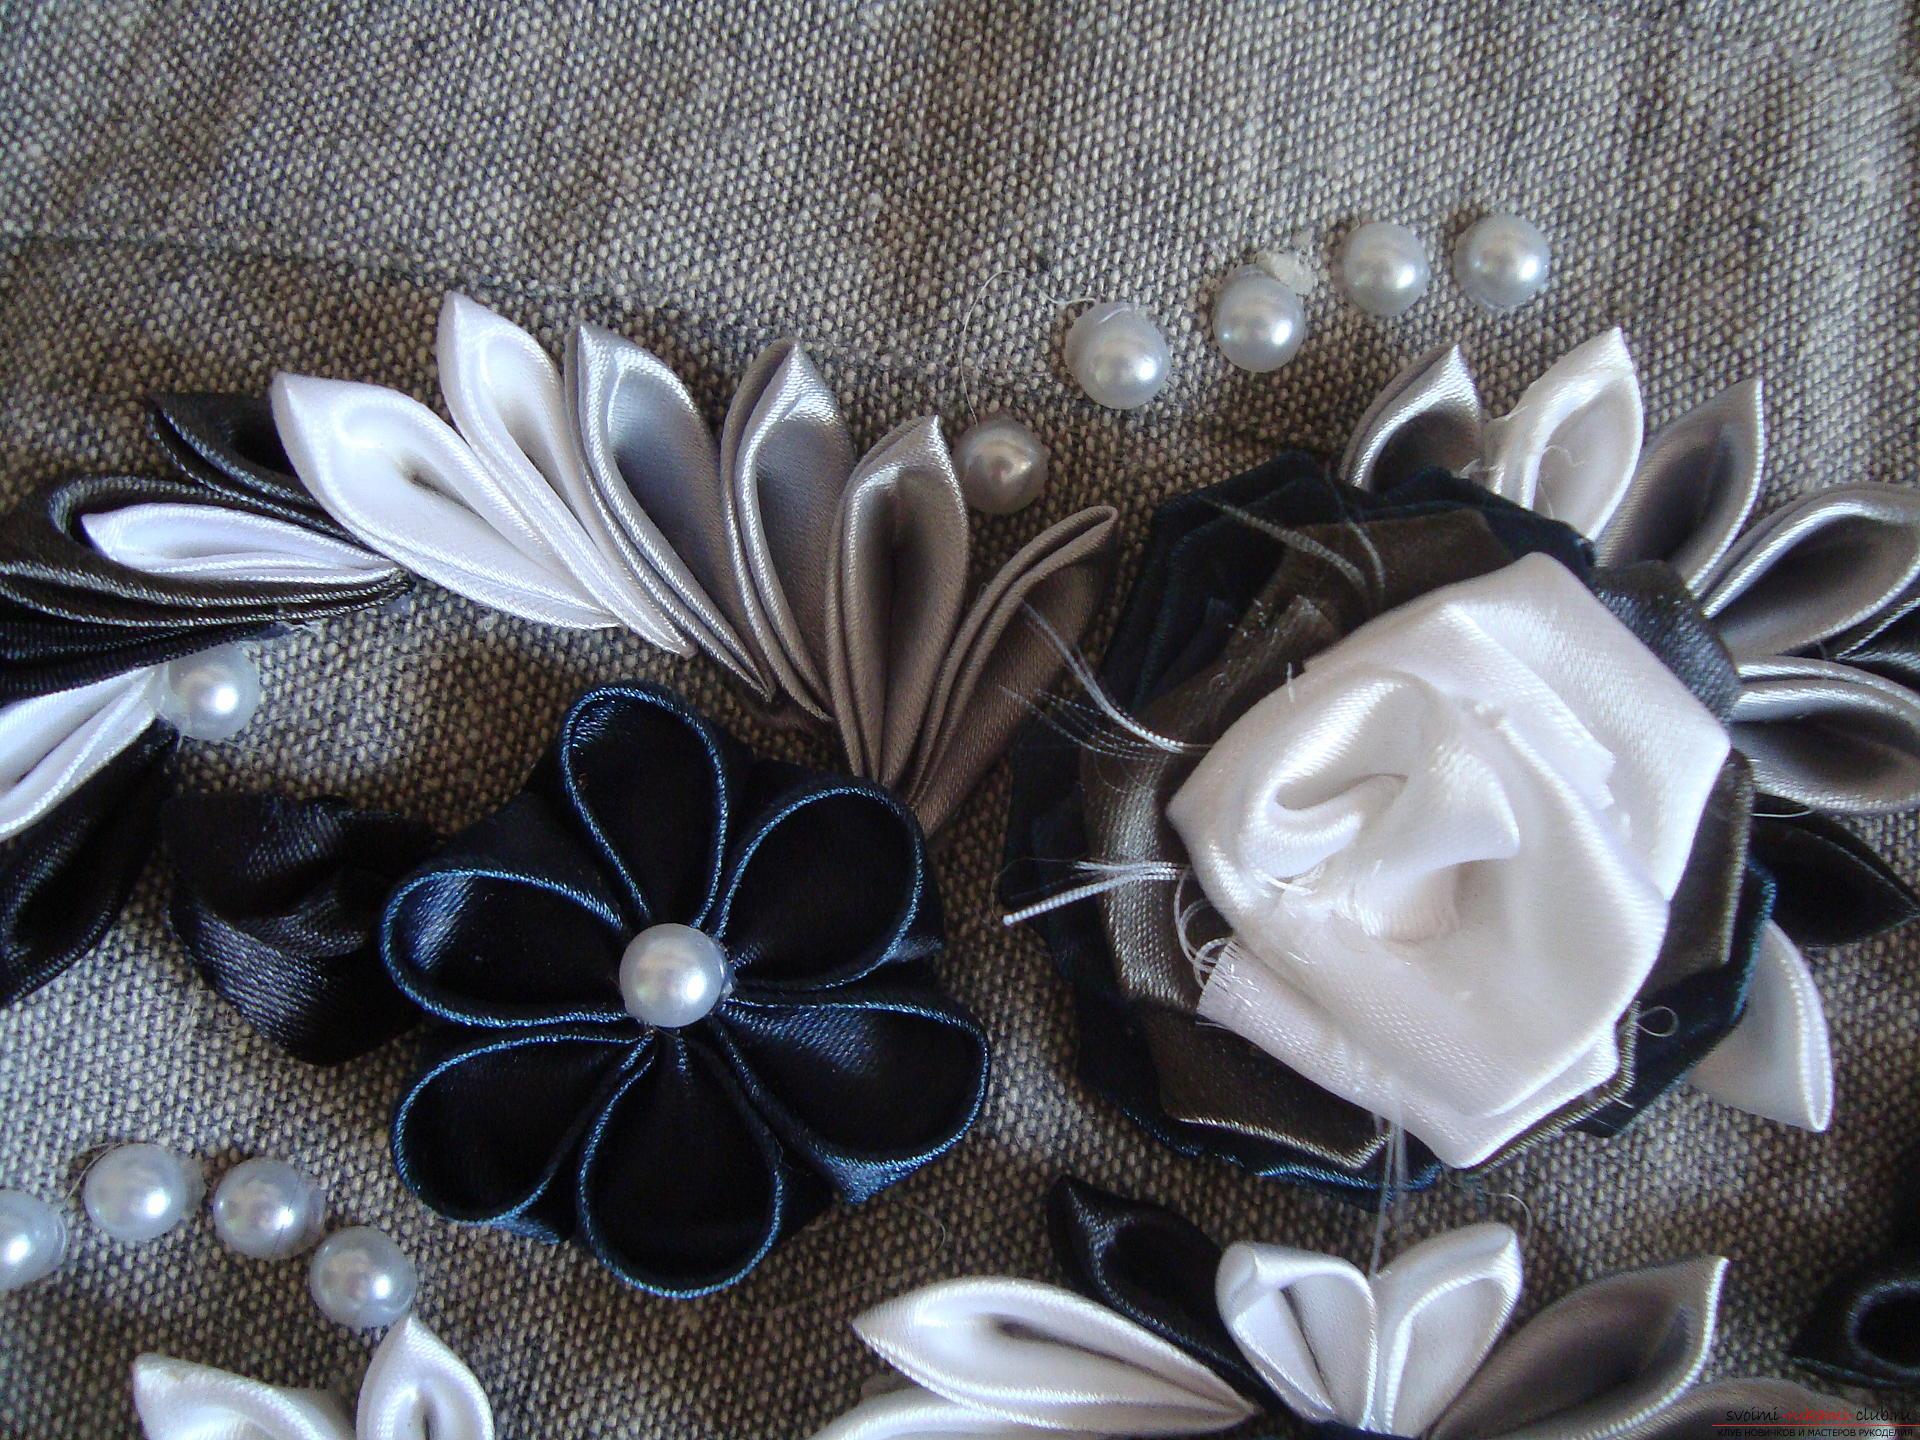 Урок по созданию оригинальной летней сумки, украшенной цветами в технике канзаши